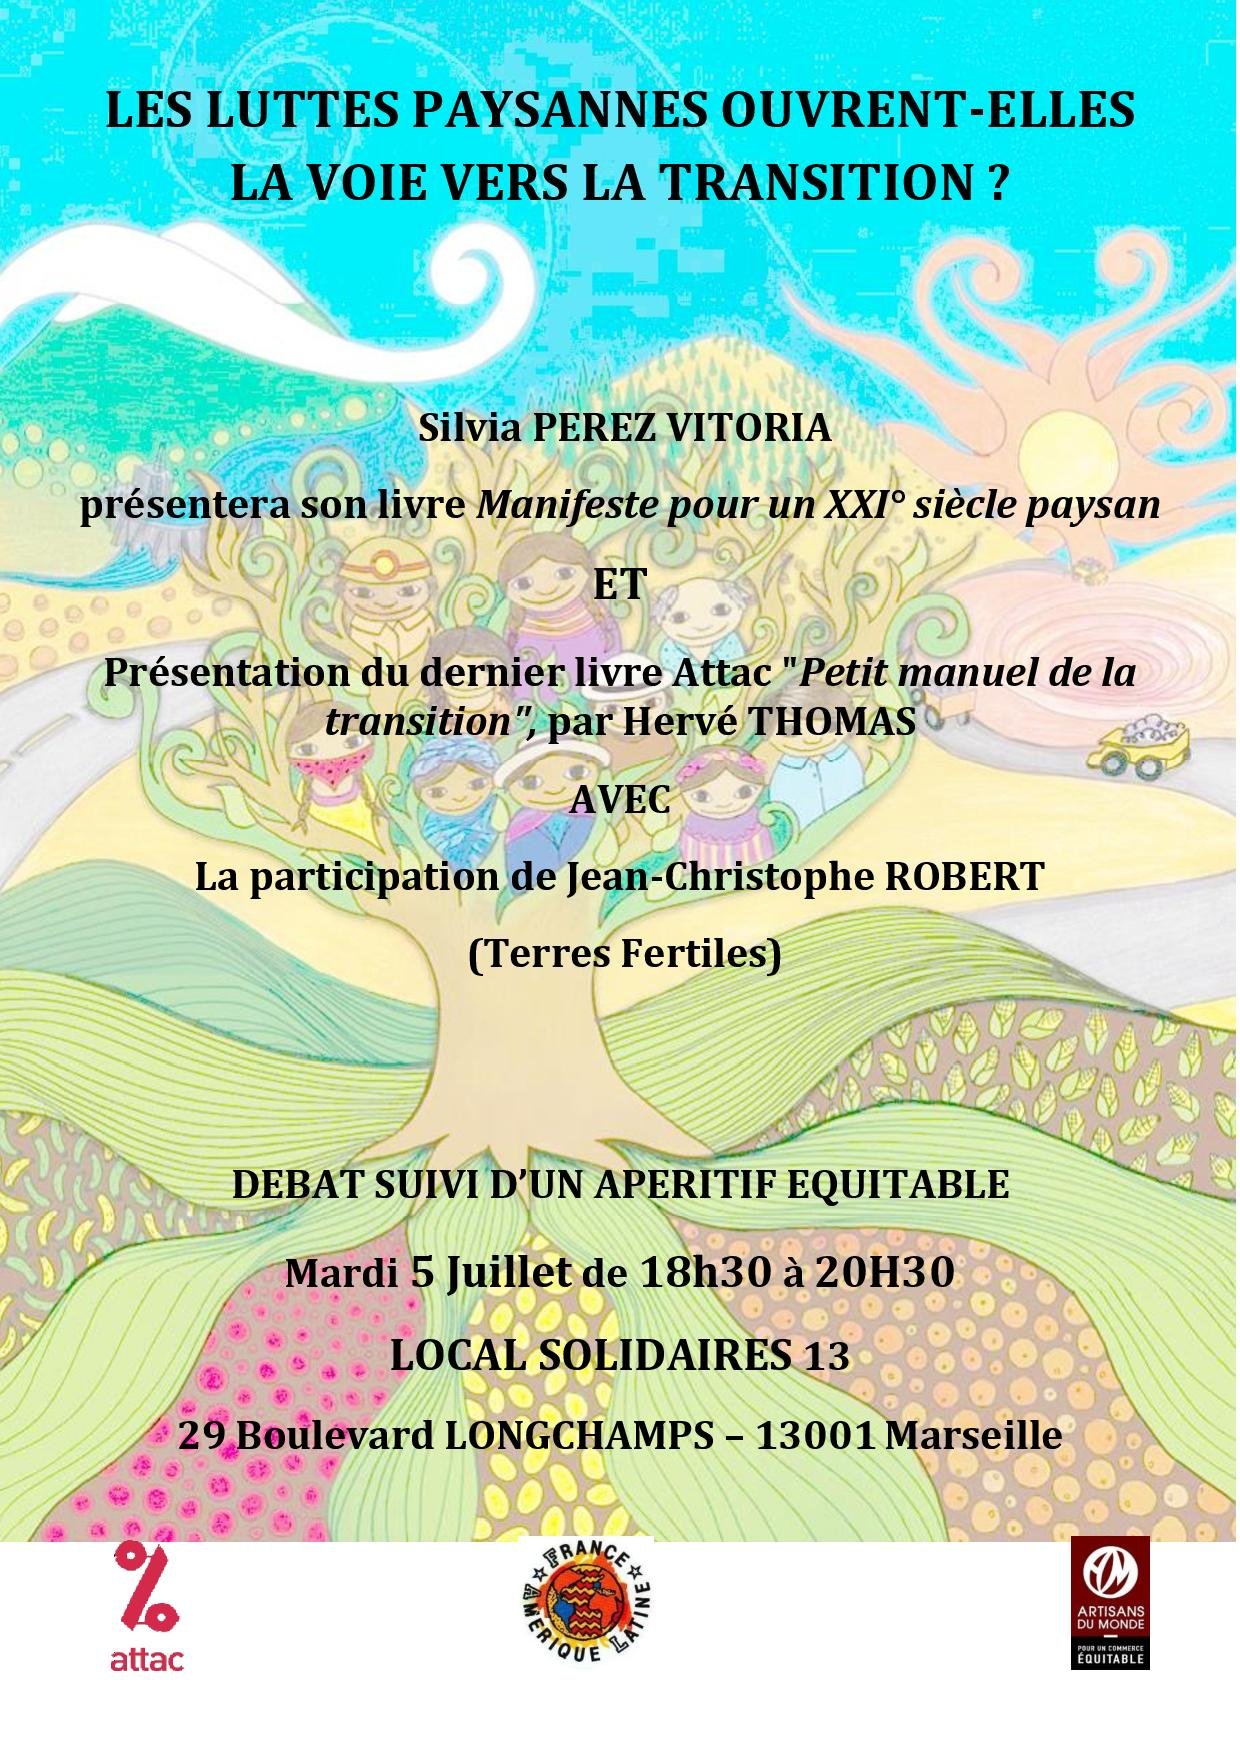 LES LUTTES PAYSANNES - rencontre débat -  flyer (1)-page-001